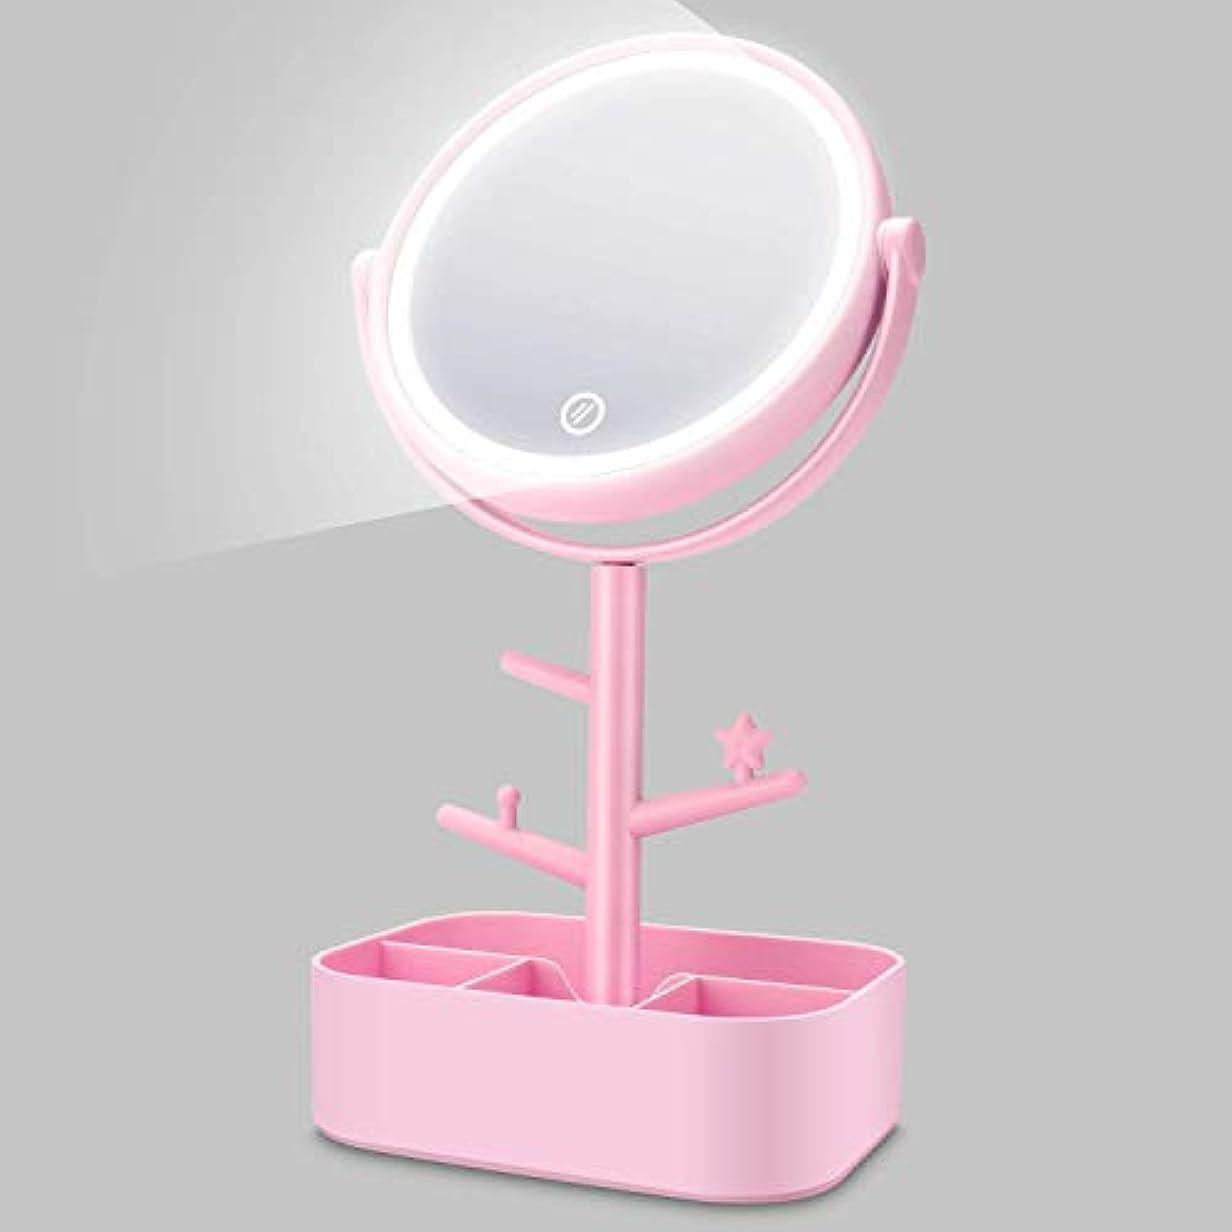 錆び特徴づけるはっきりしない化粧鏡 Aidbucks LED 卓上鏡 メイク 女優 スタンドミラー LEDライト付き 明るさ調節可 充電式 360度回転 収納 自然光 柔らかい光 折りたたみ式 USB/乾電池給電 ピンク